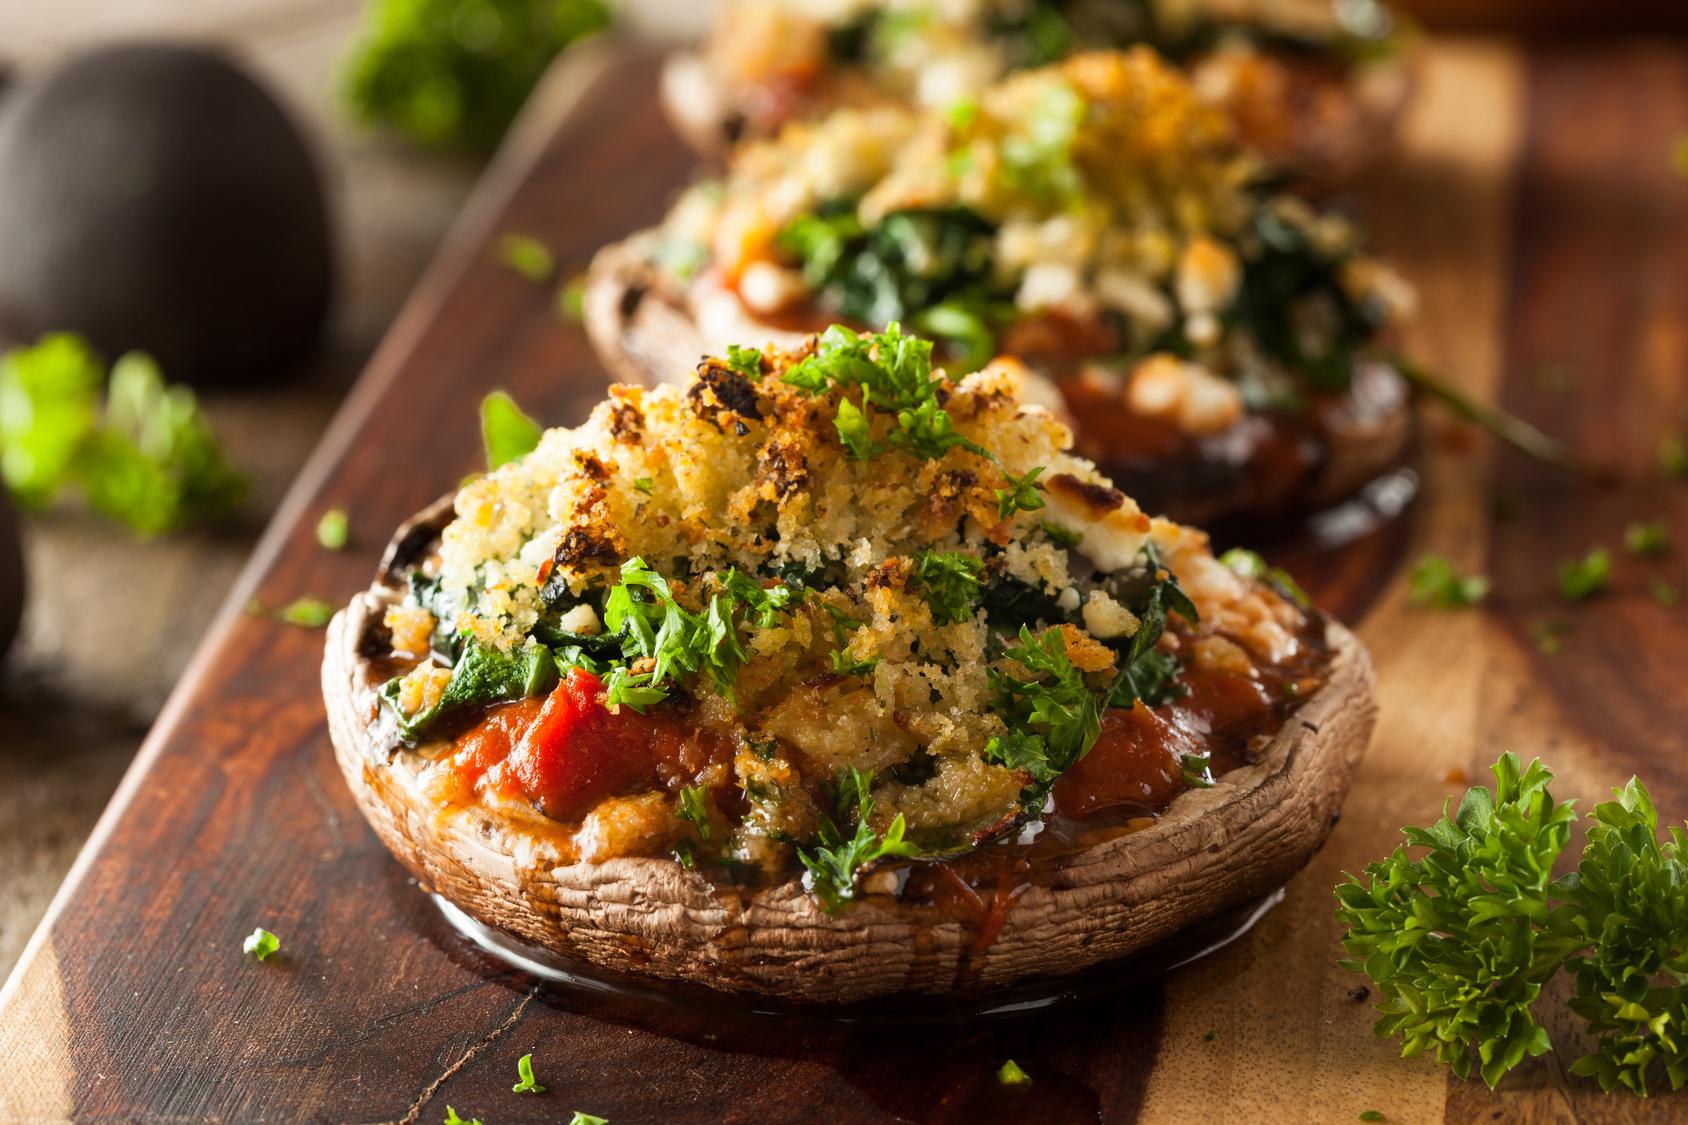 Apple & Sage Stuffed Portobello Mushrooms